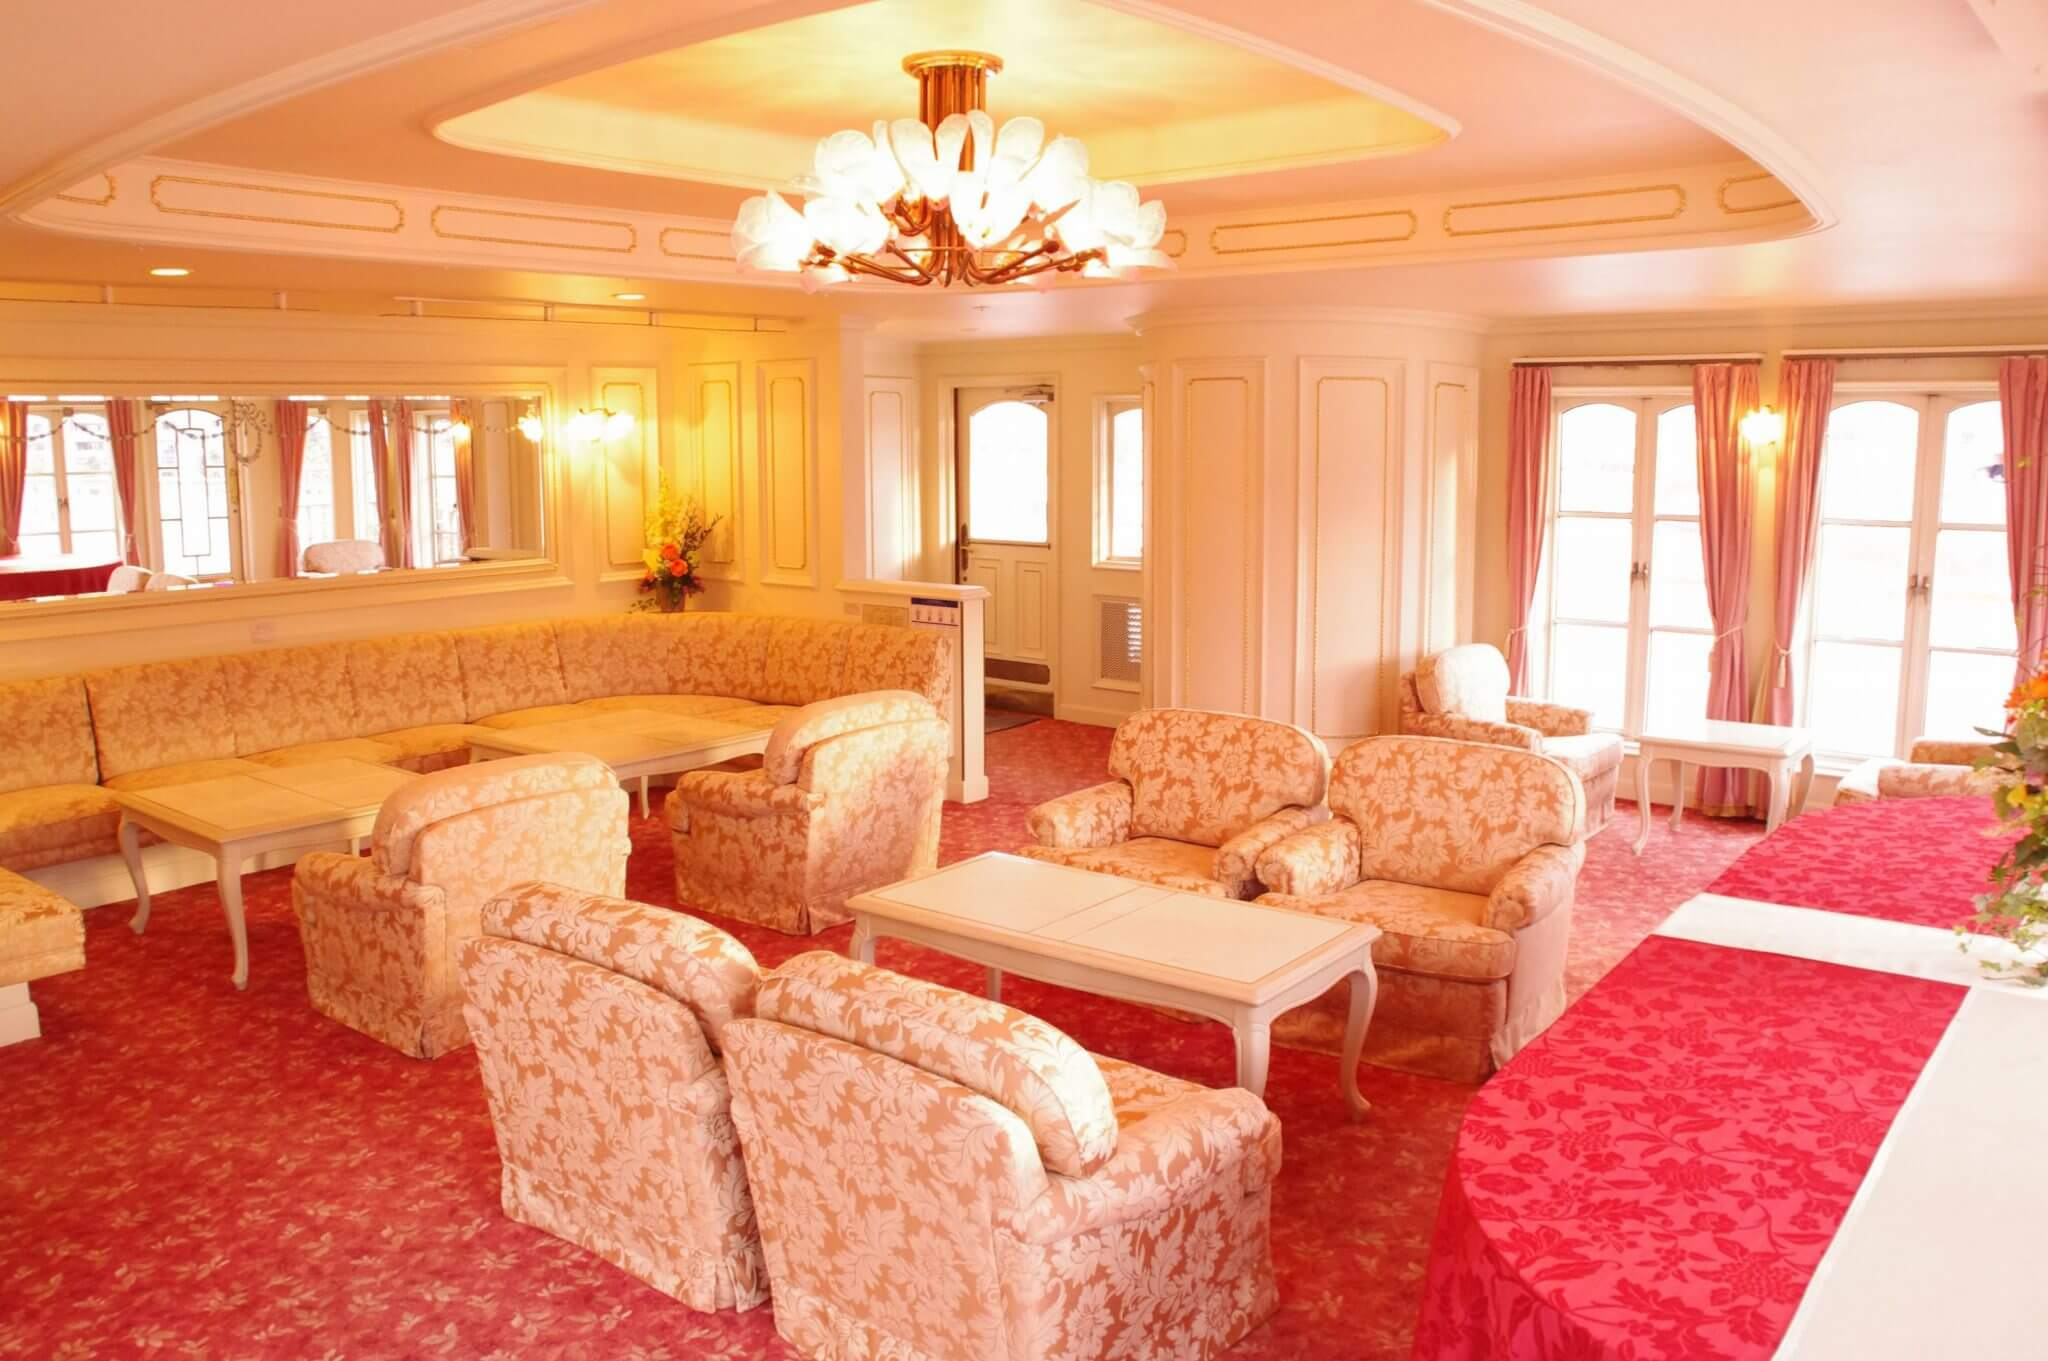 個室利用で優雅なひとときを ミシガンロイヤルルーム貸切プラン